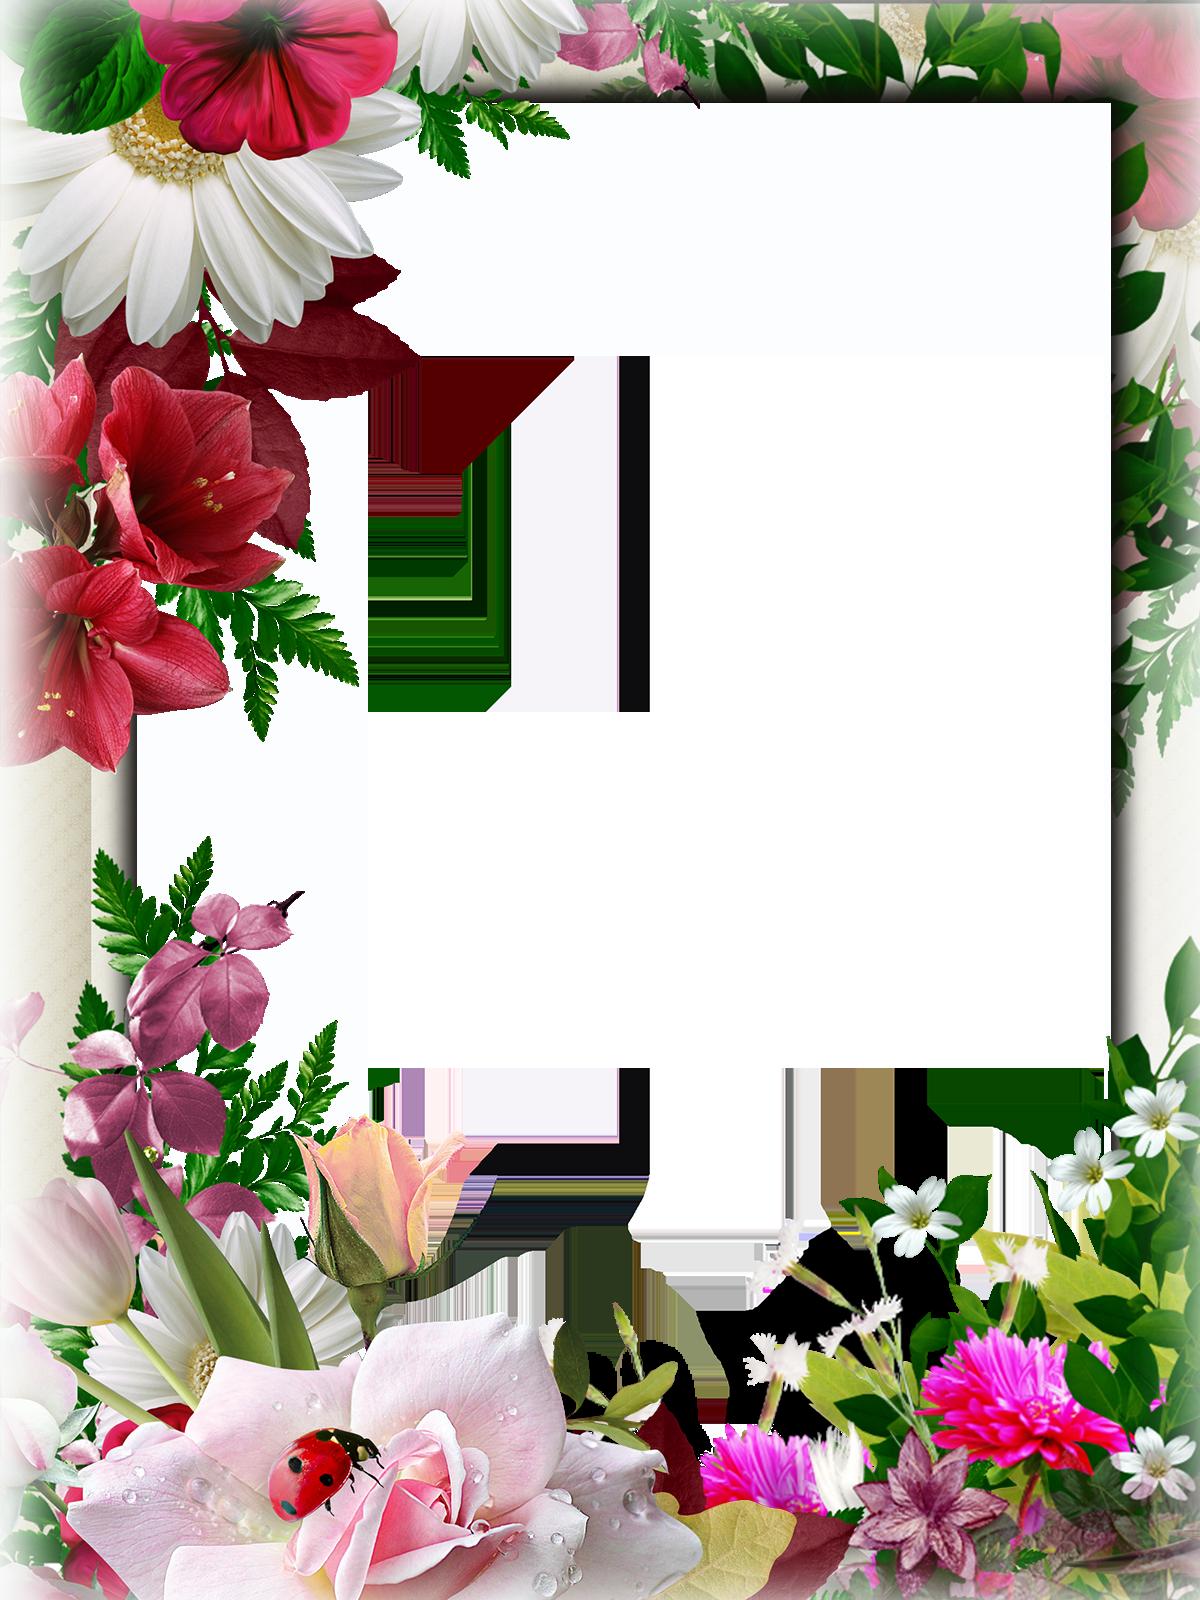 Картинки рамочек для поздравлений